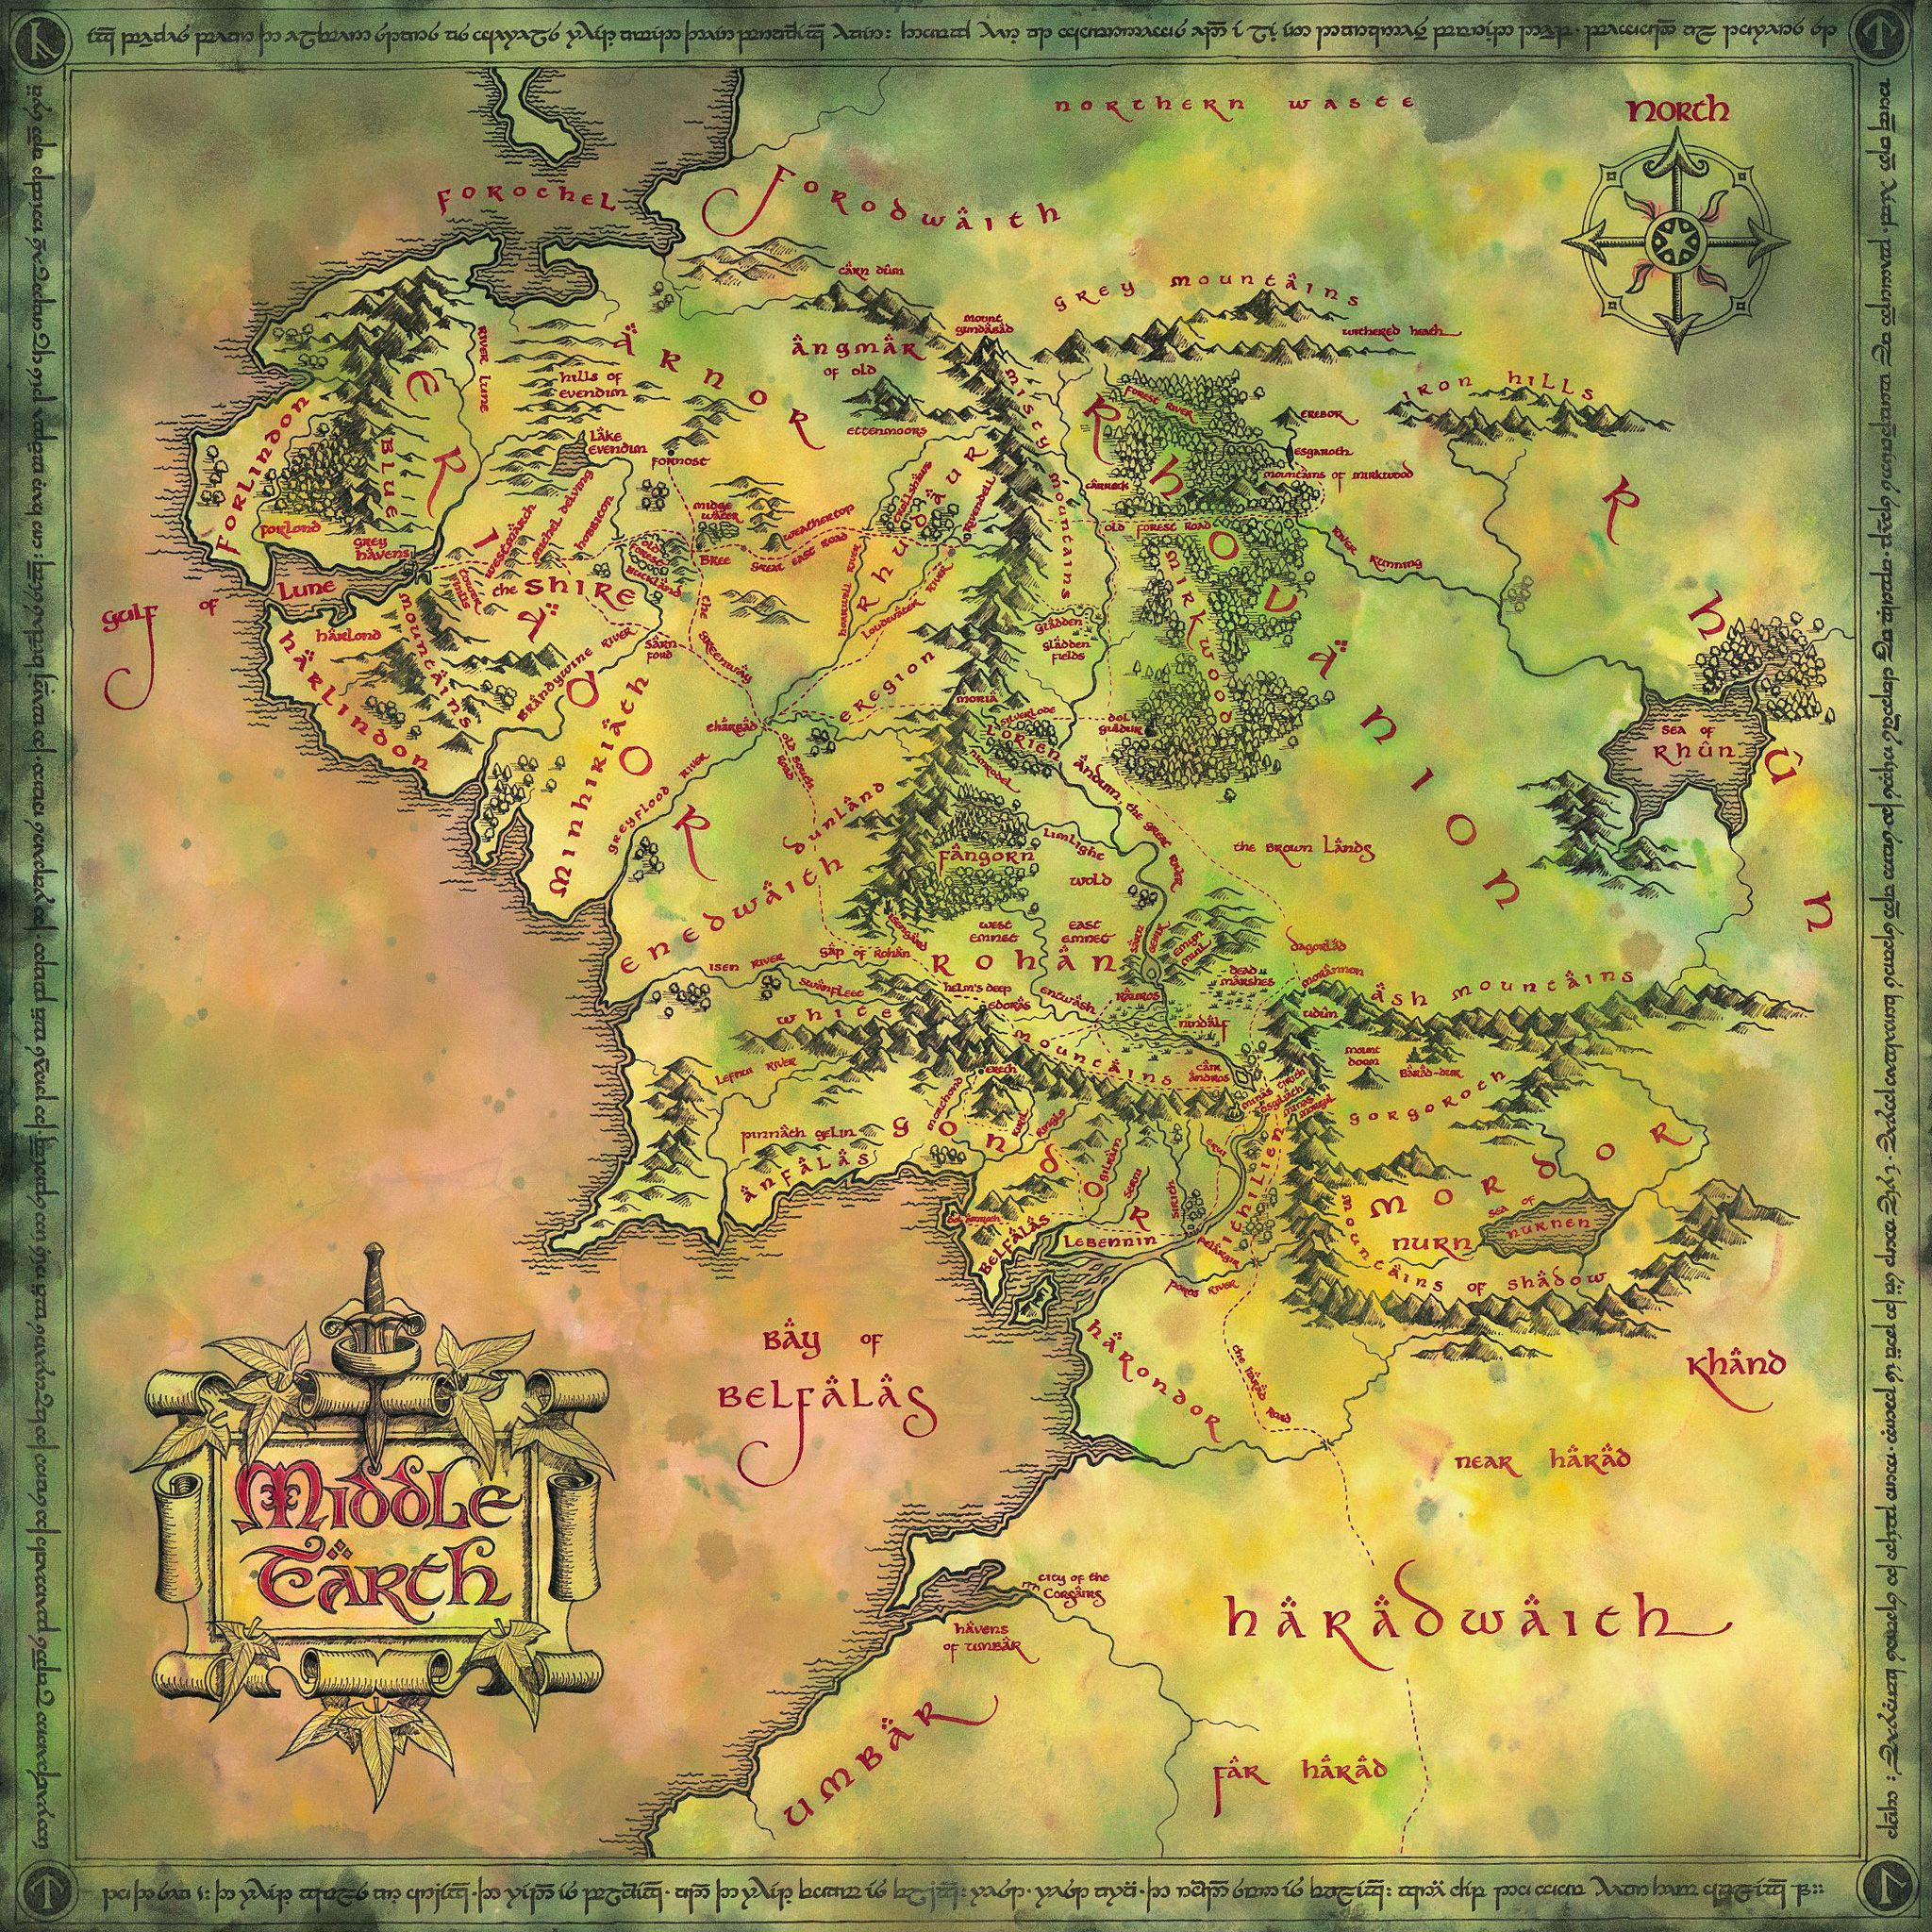 Mapa Tierra Media Hd.Mapa De La Tierra Media Hd Buscar Con Google Orta Dunya